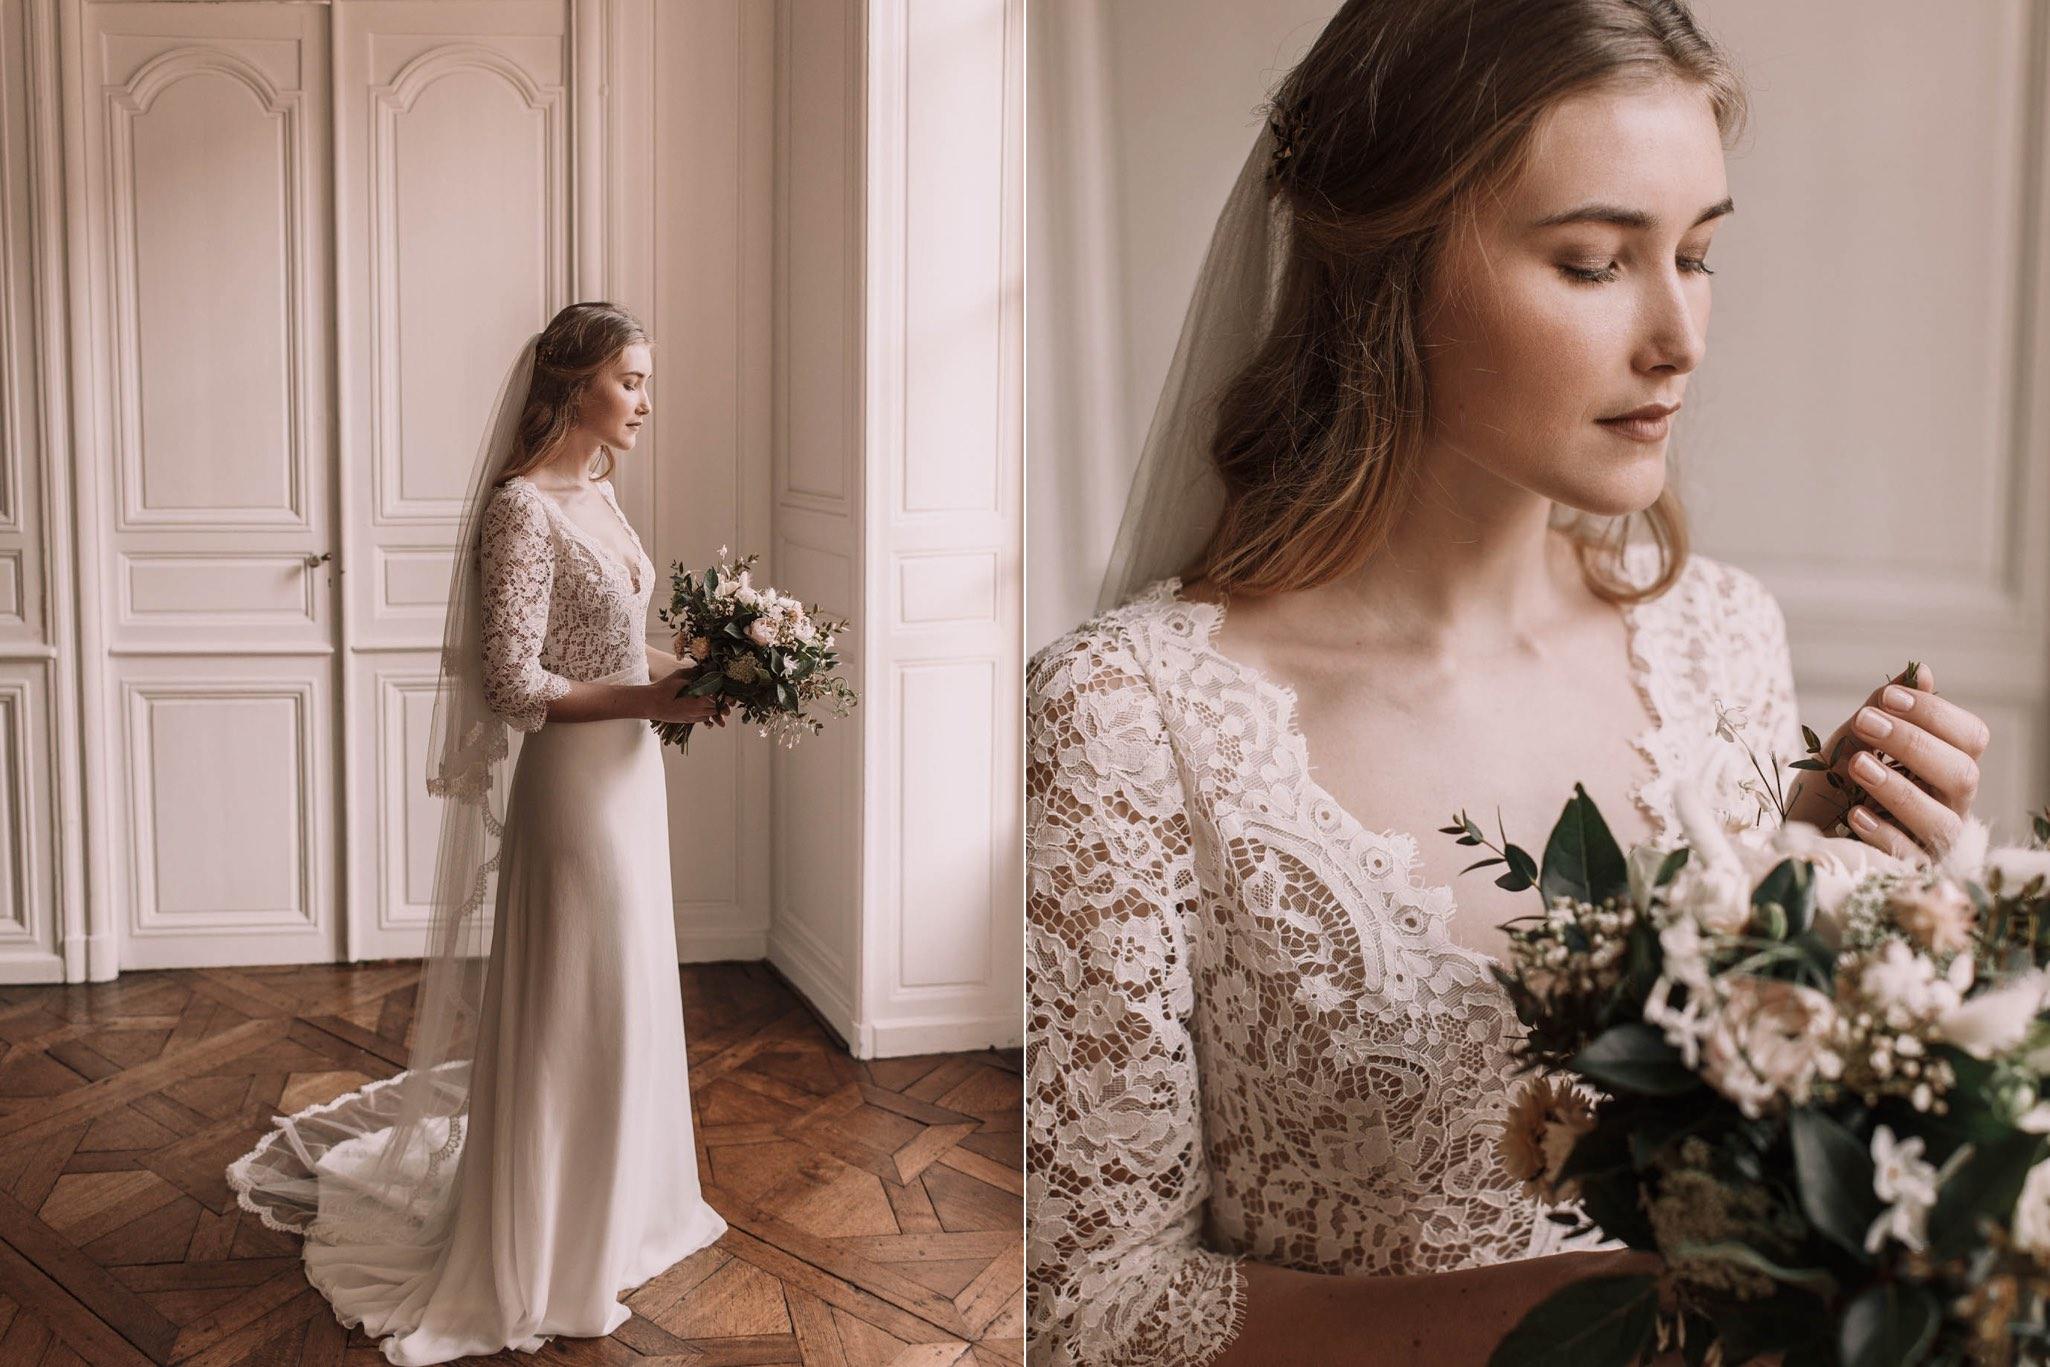 photographe-mariage-bordeaux-jeremy-boyer-white-minimal-31.jpg